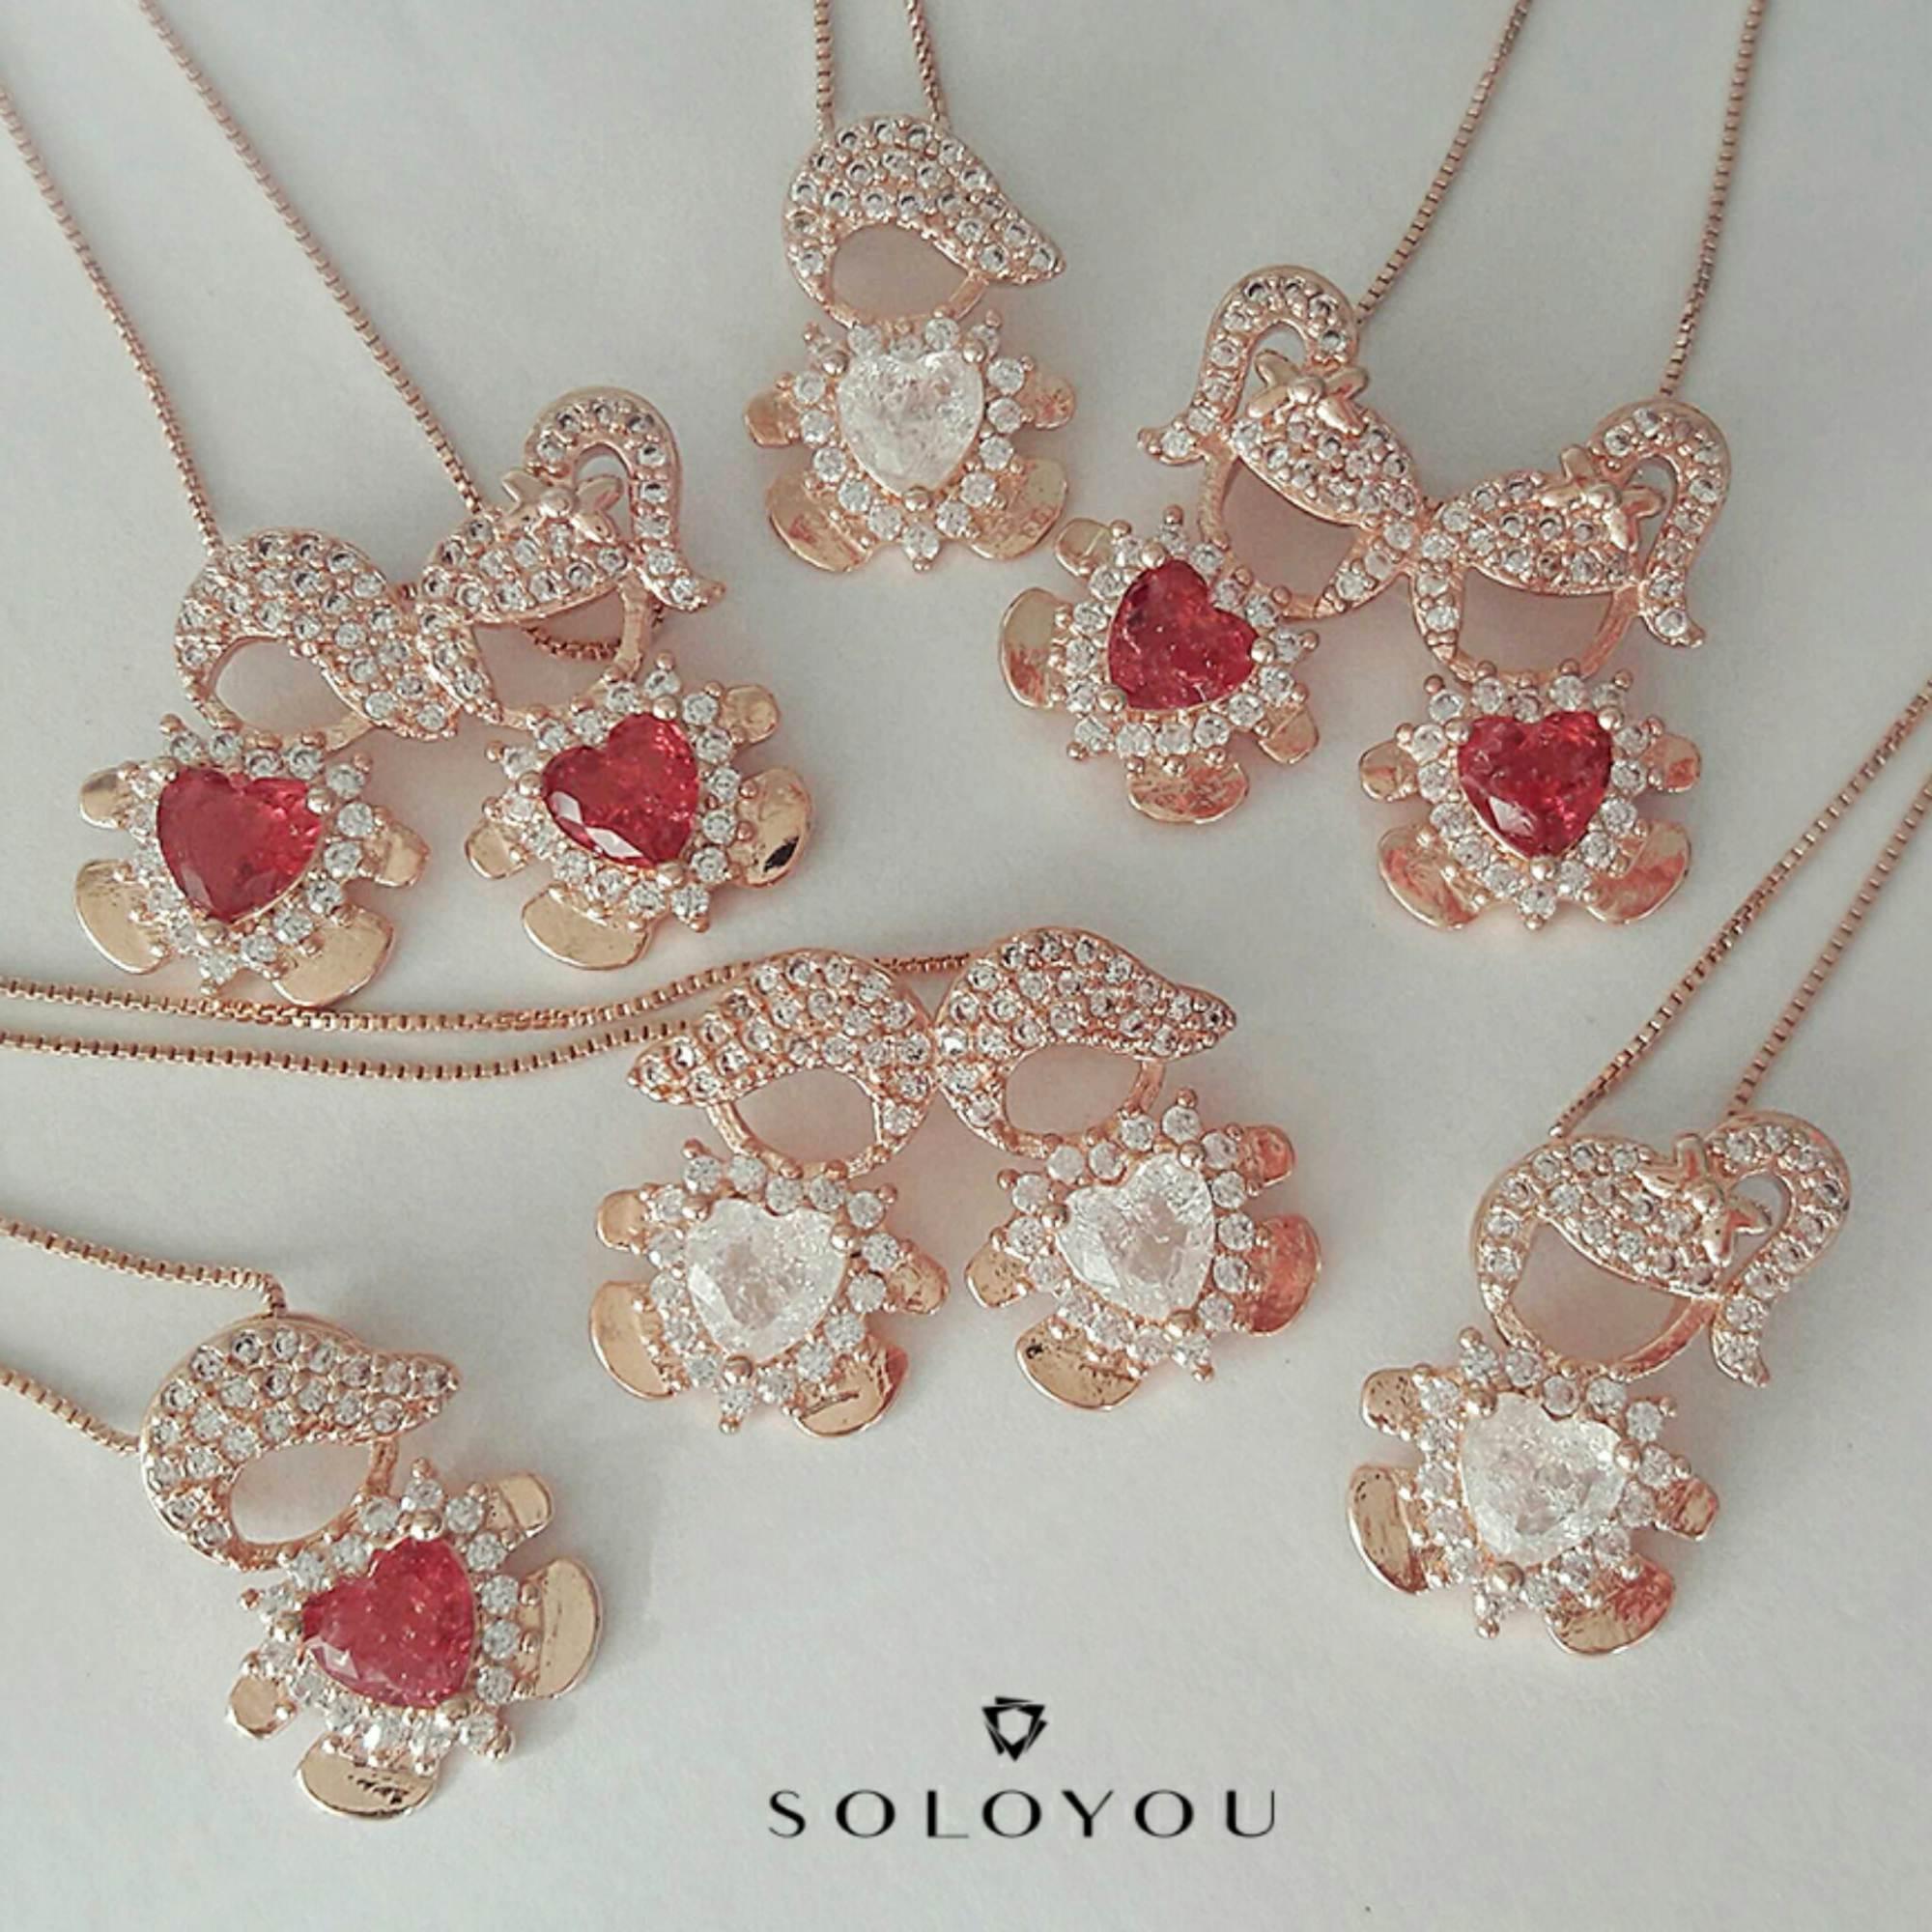 Colar Pingente de Menina Semijoia Fina Ouro Rosé com Zircônia Branca e Coração Fusion Cristal  - Soloyou